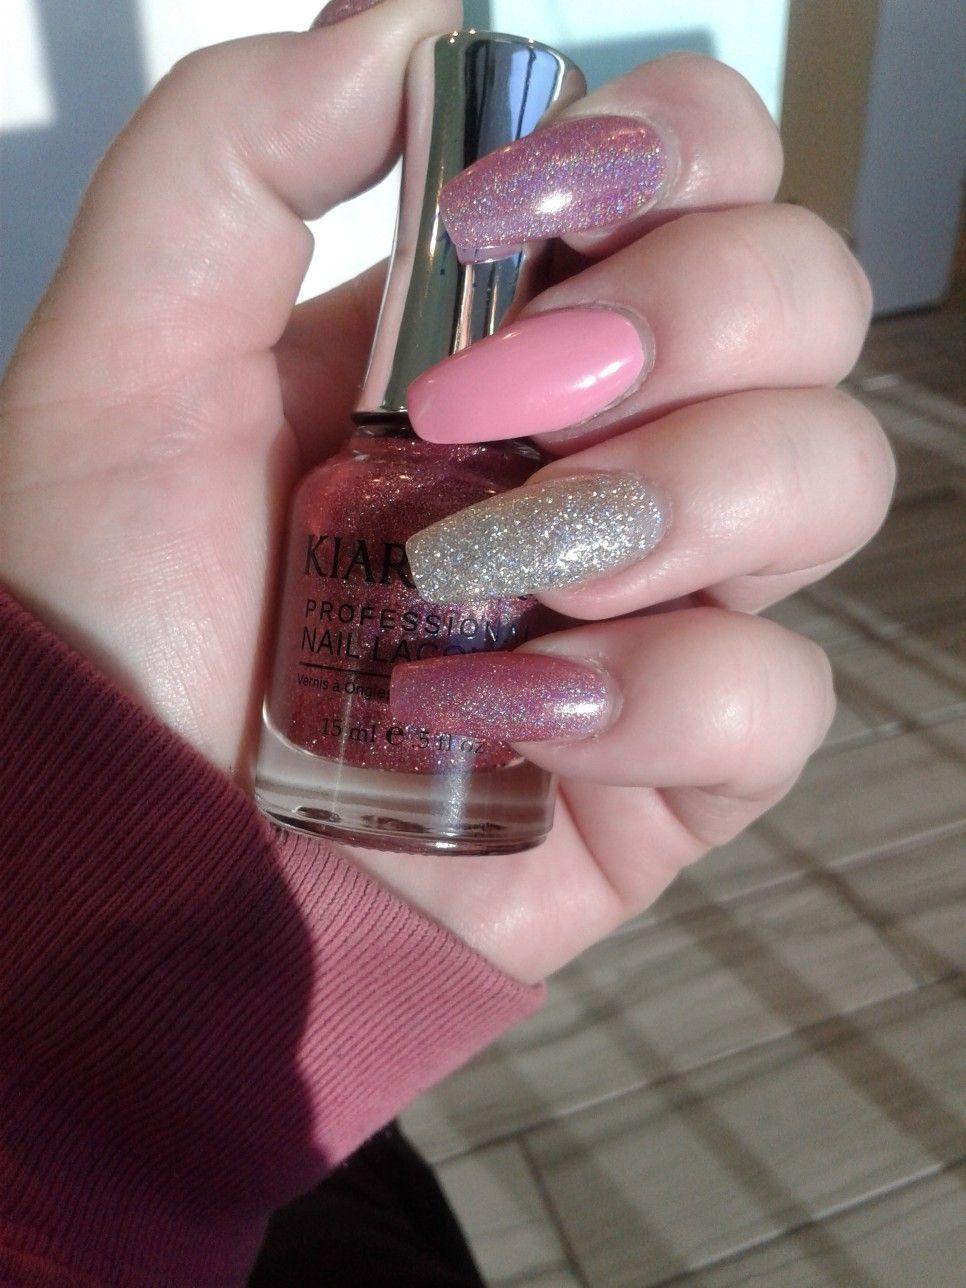 Kiara Sky Bubbly with Kiara Sky Strobe Light on ring finger and ...